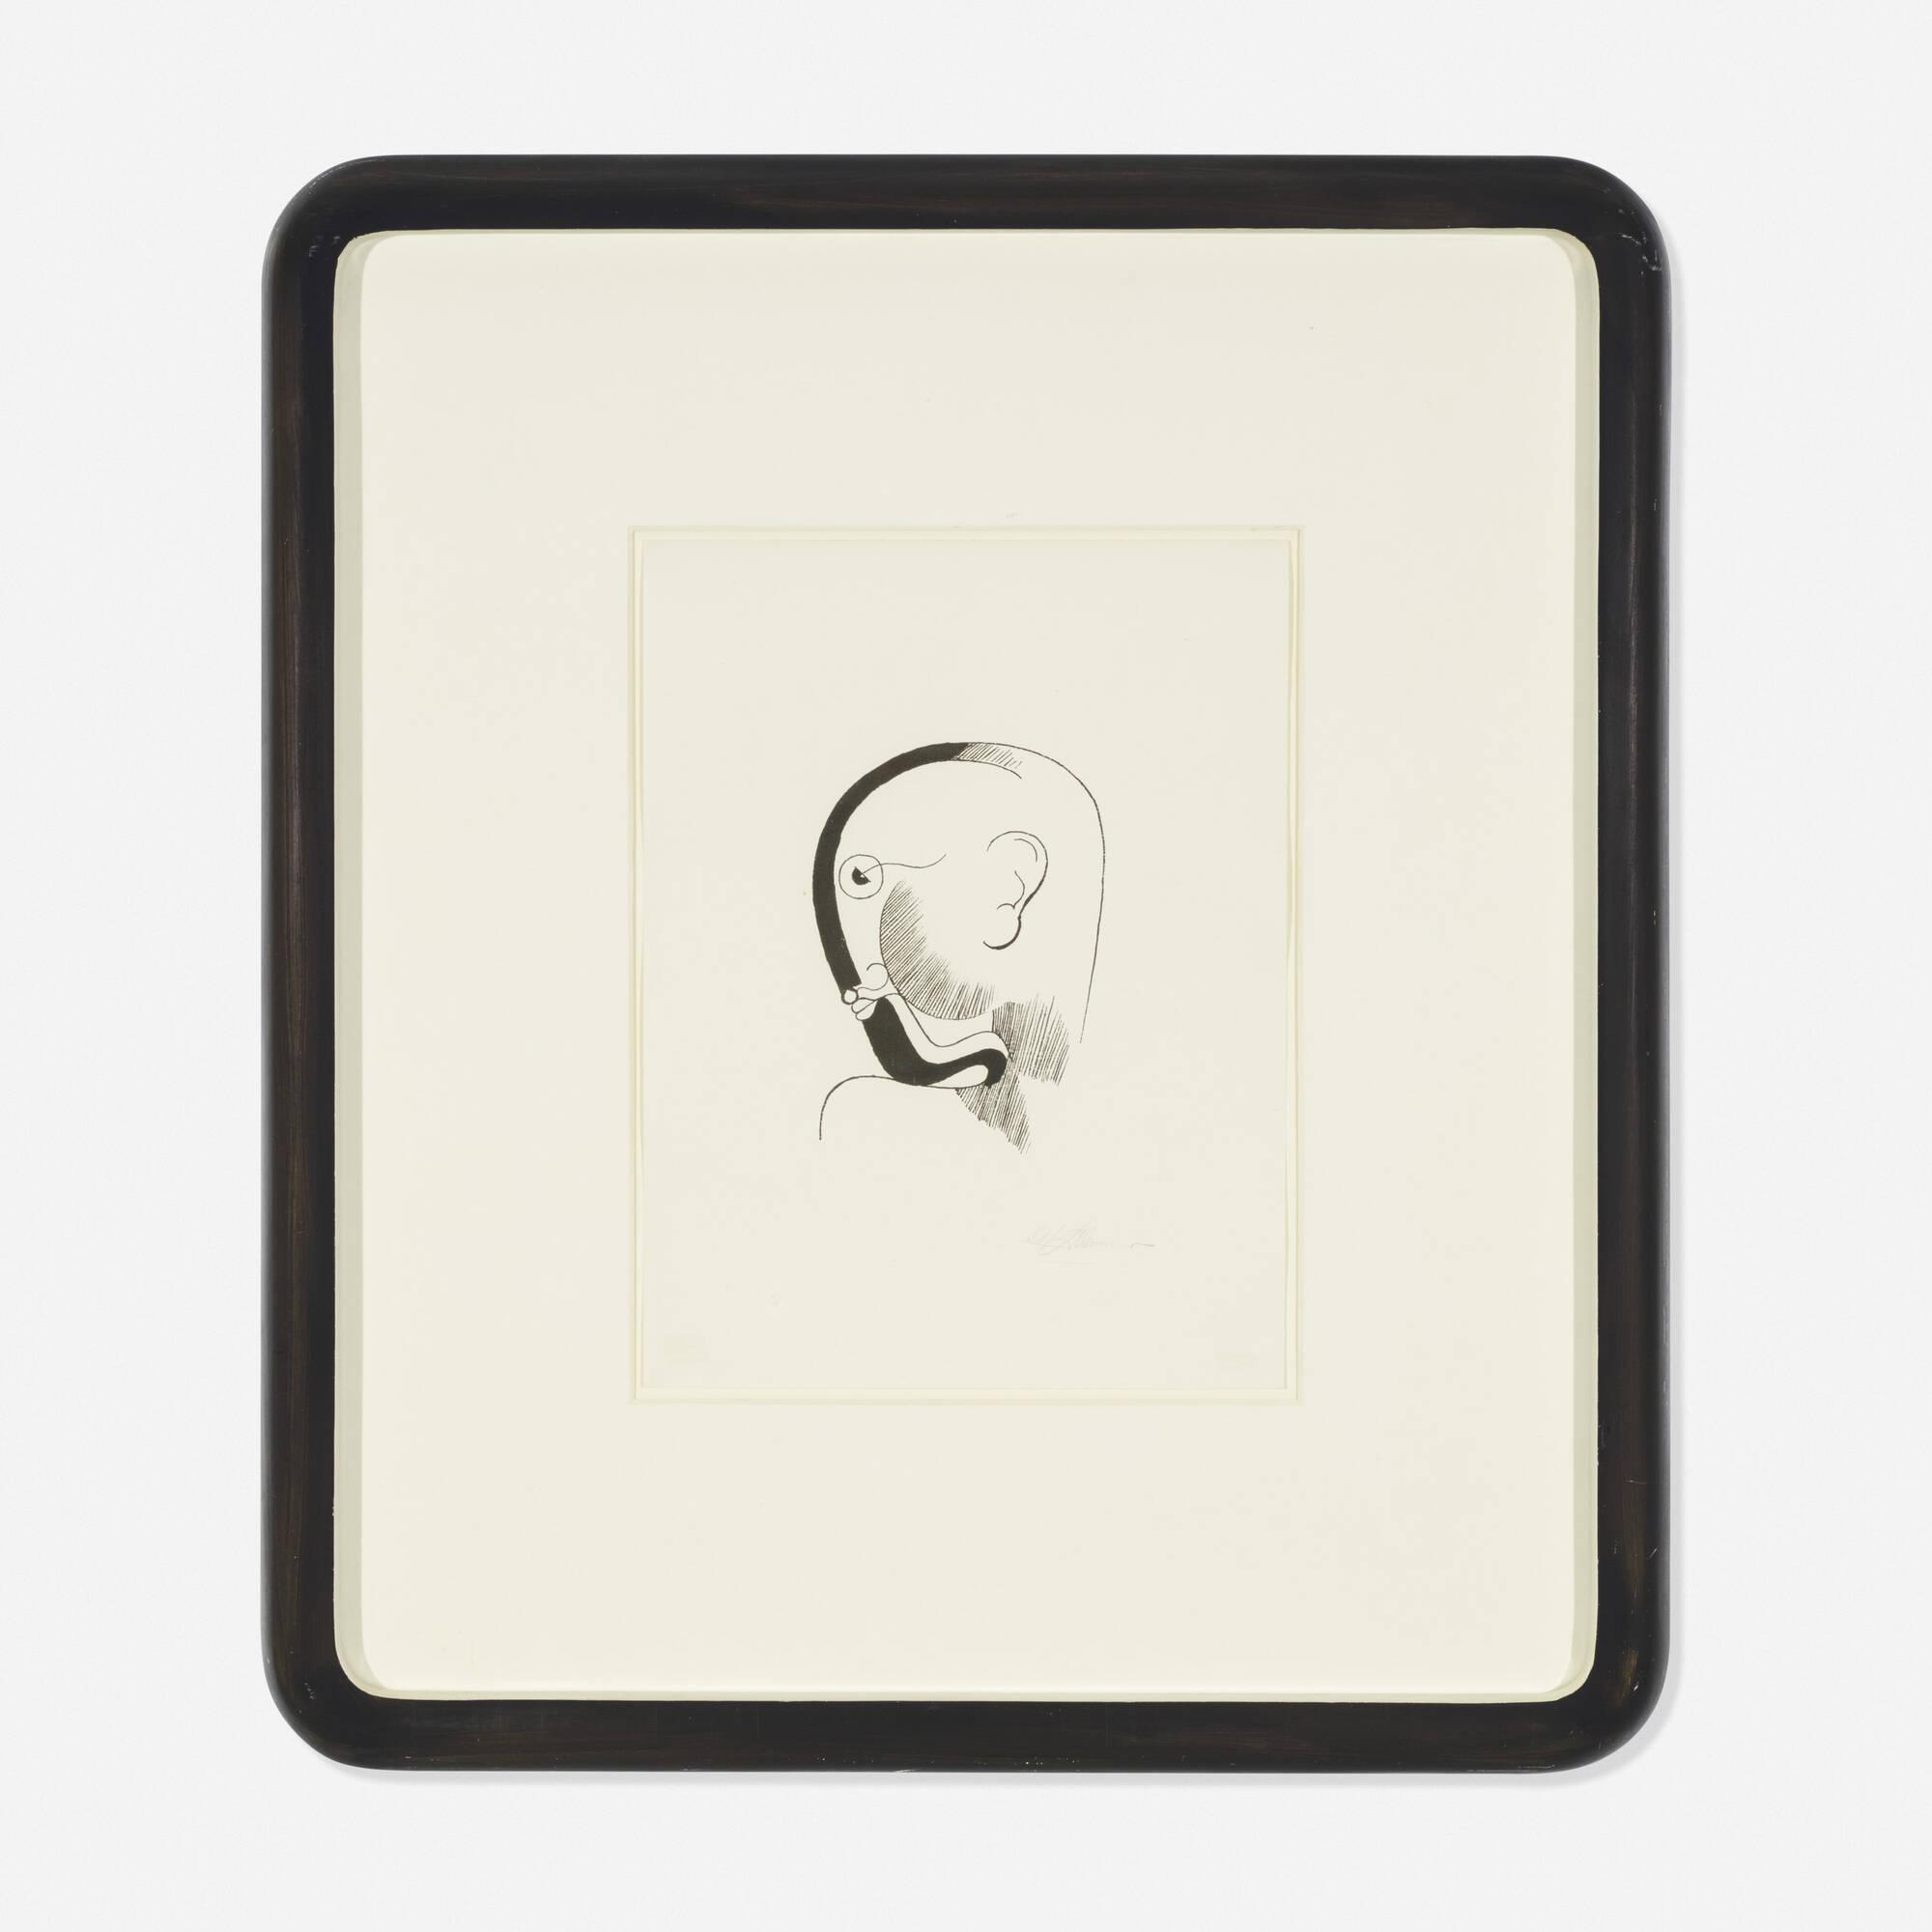 145: Oskar Schlemmer / Head in Profile (1 of 2)